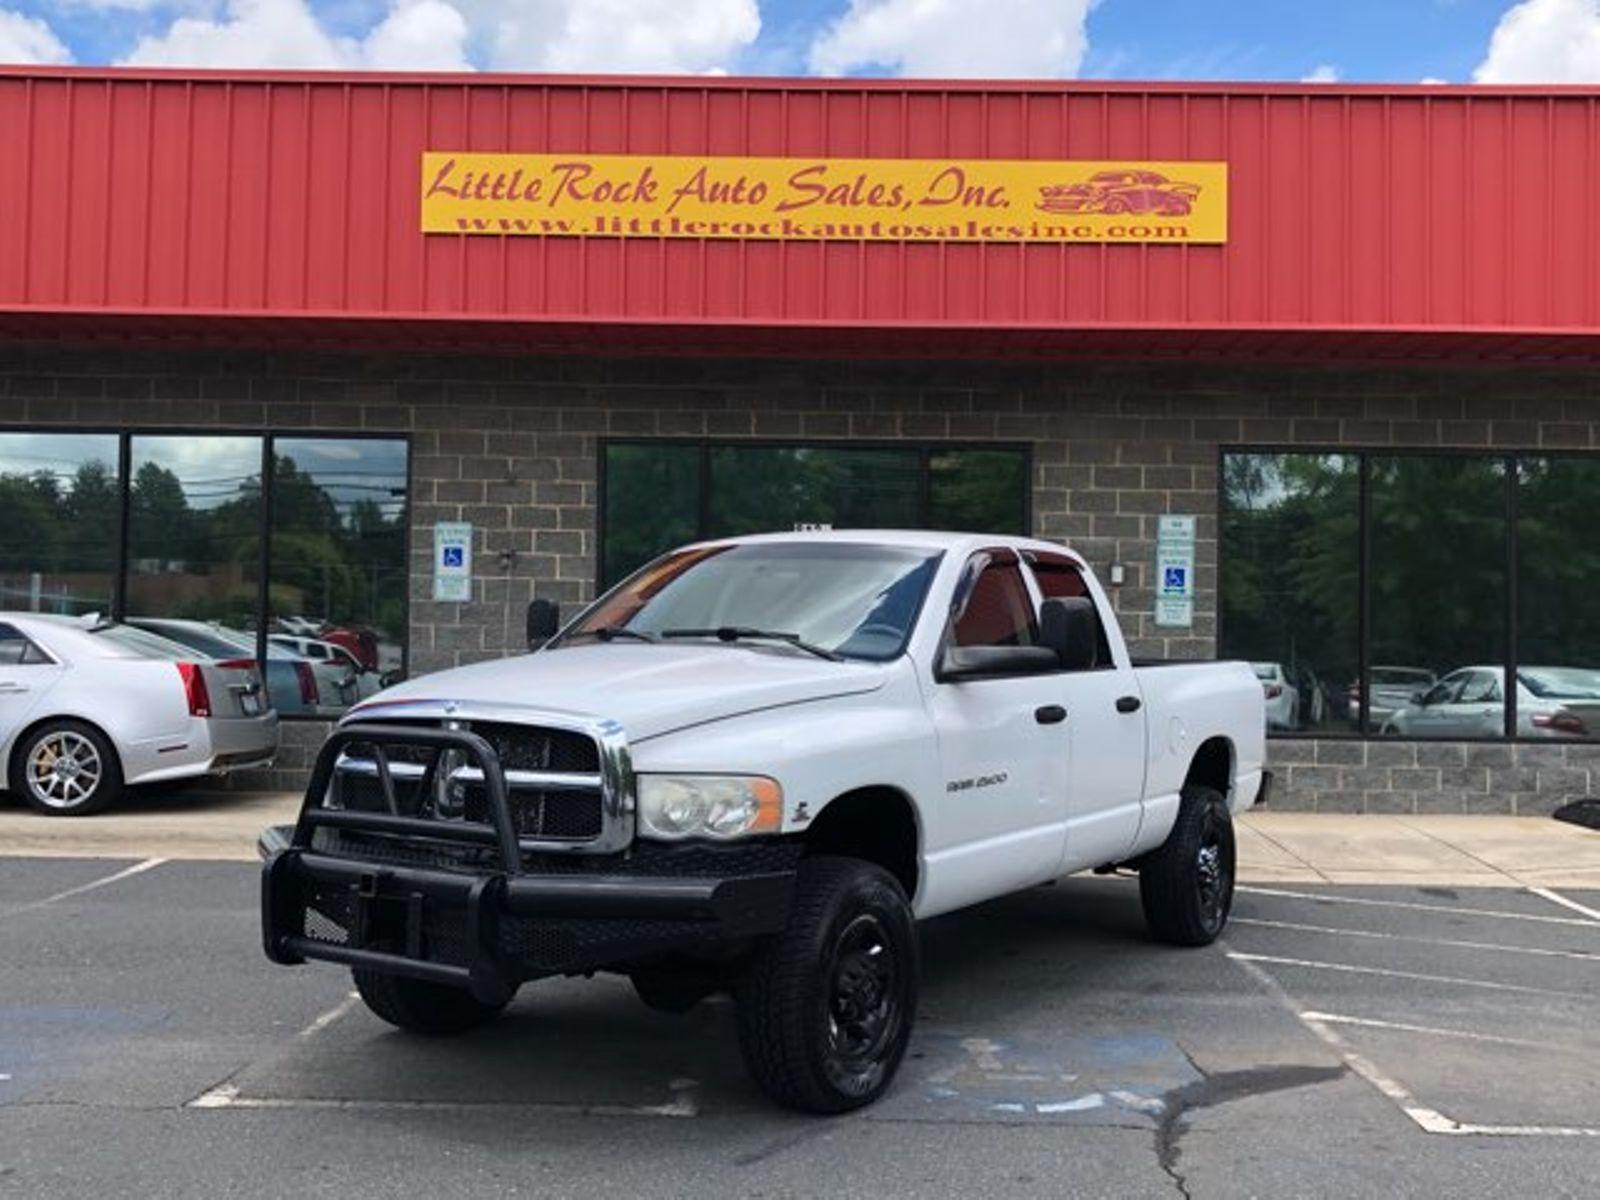 2005 Dodge Ram 2500 ST city NC Little Rock Auto Sales Inc